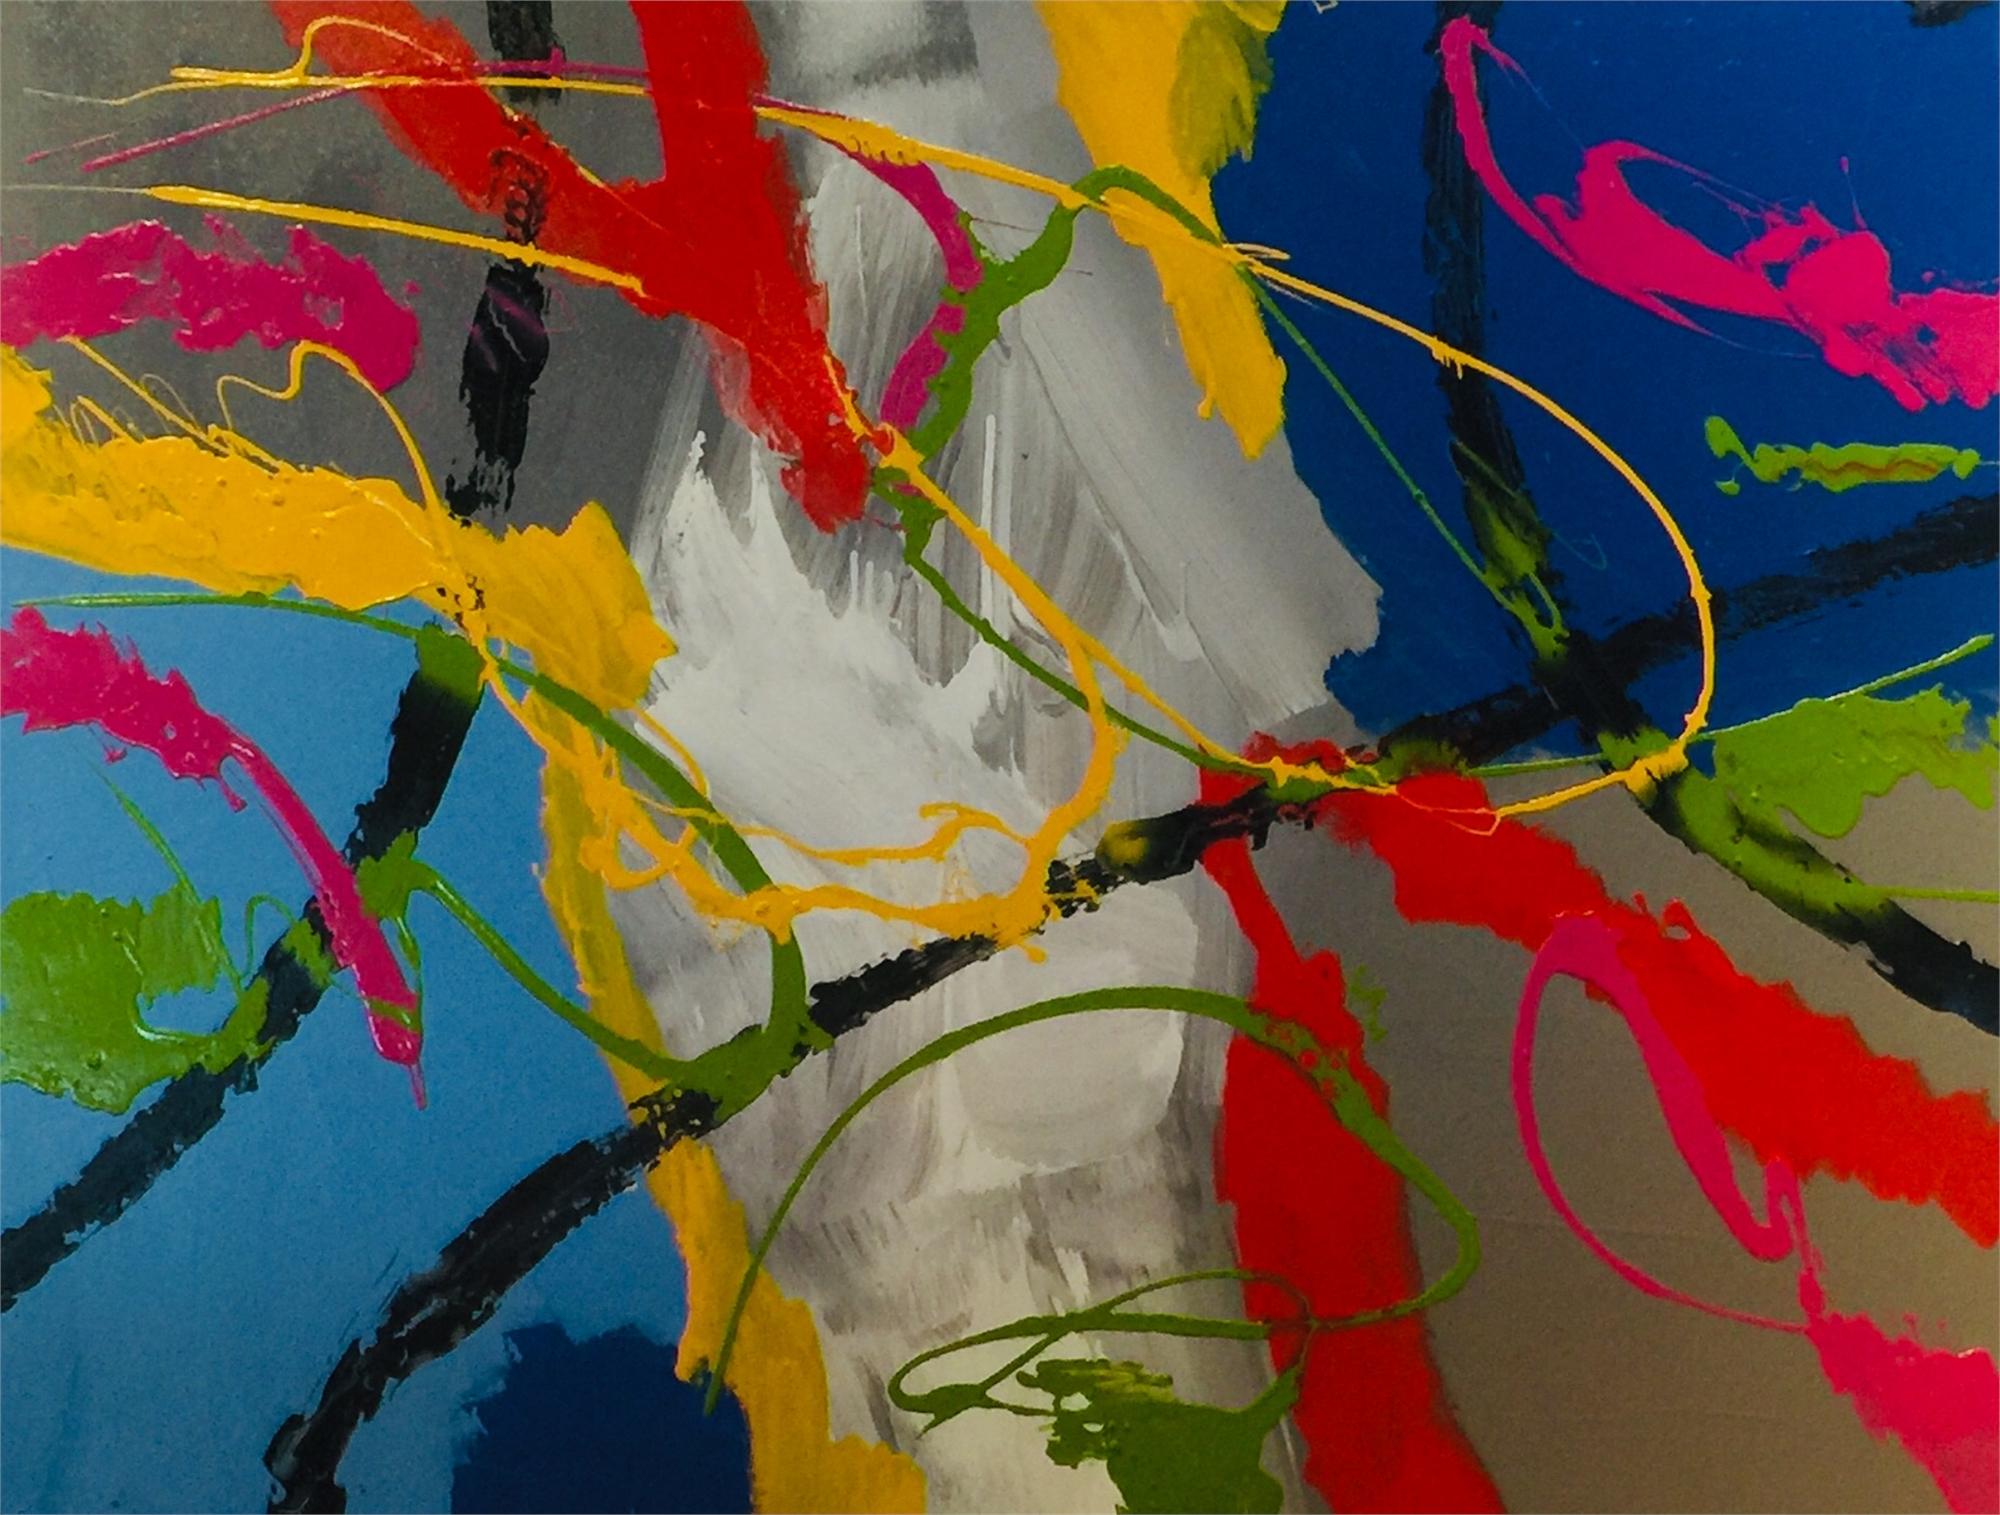 Abstract by Elena Bulatova